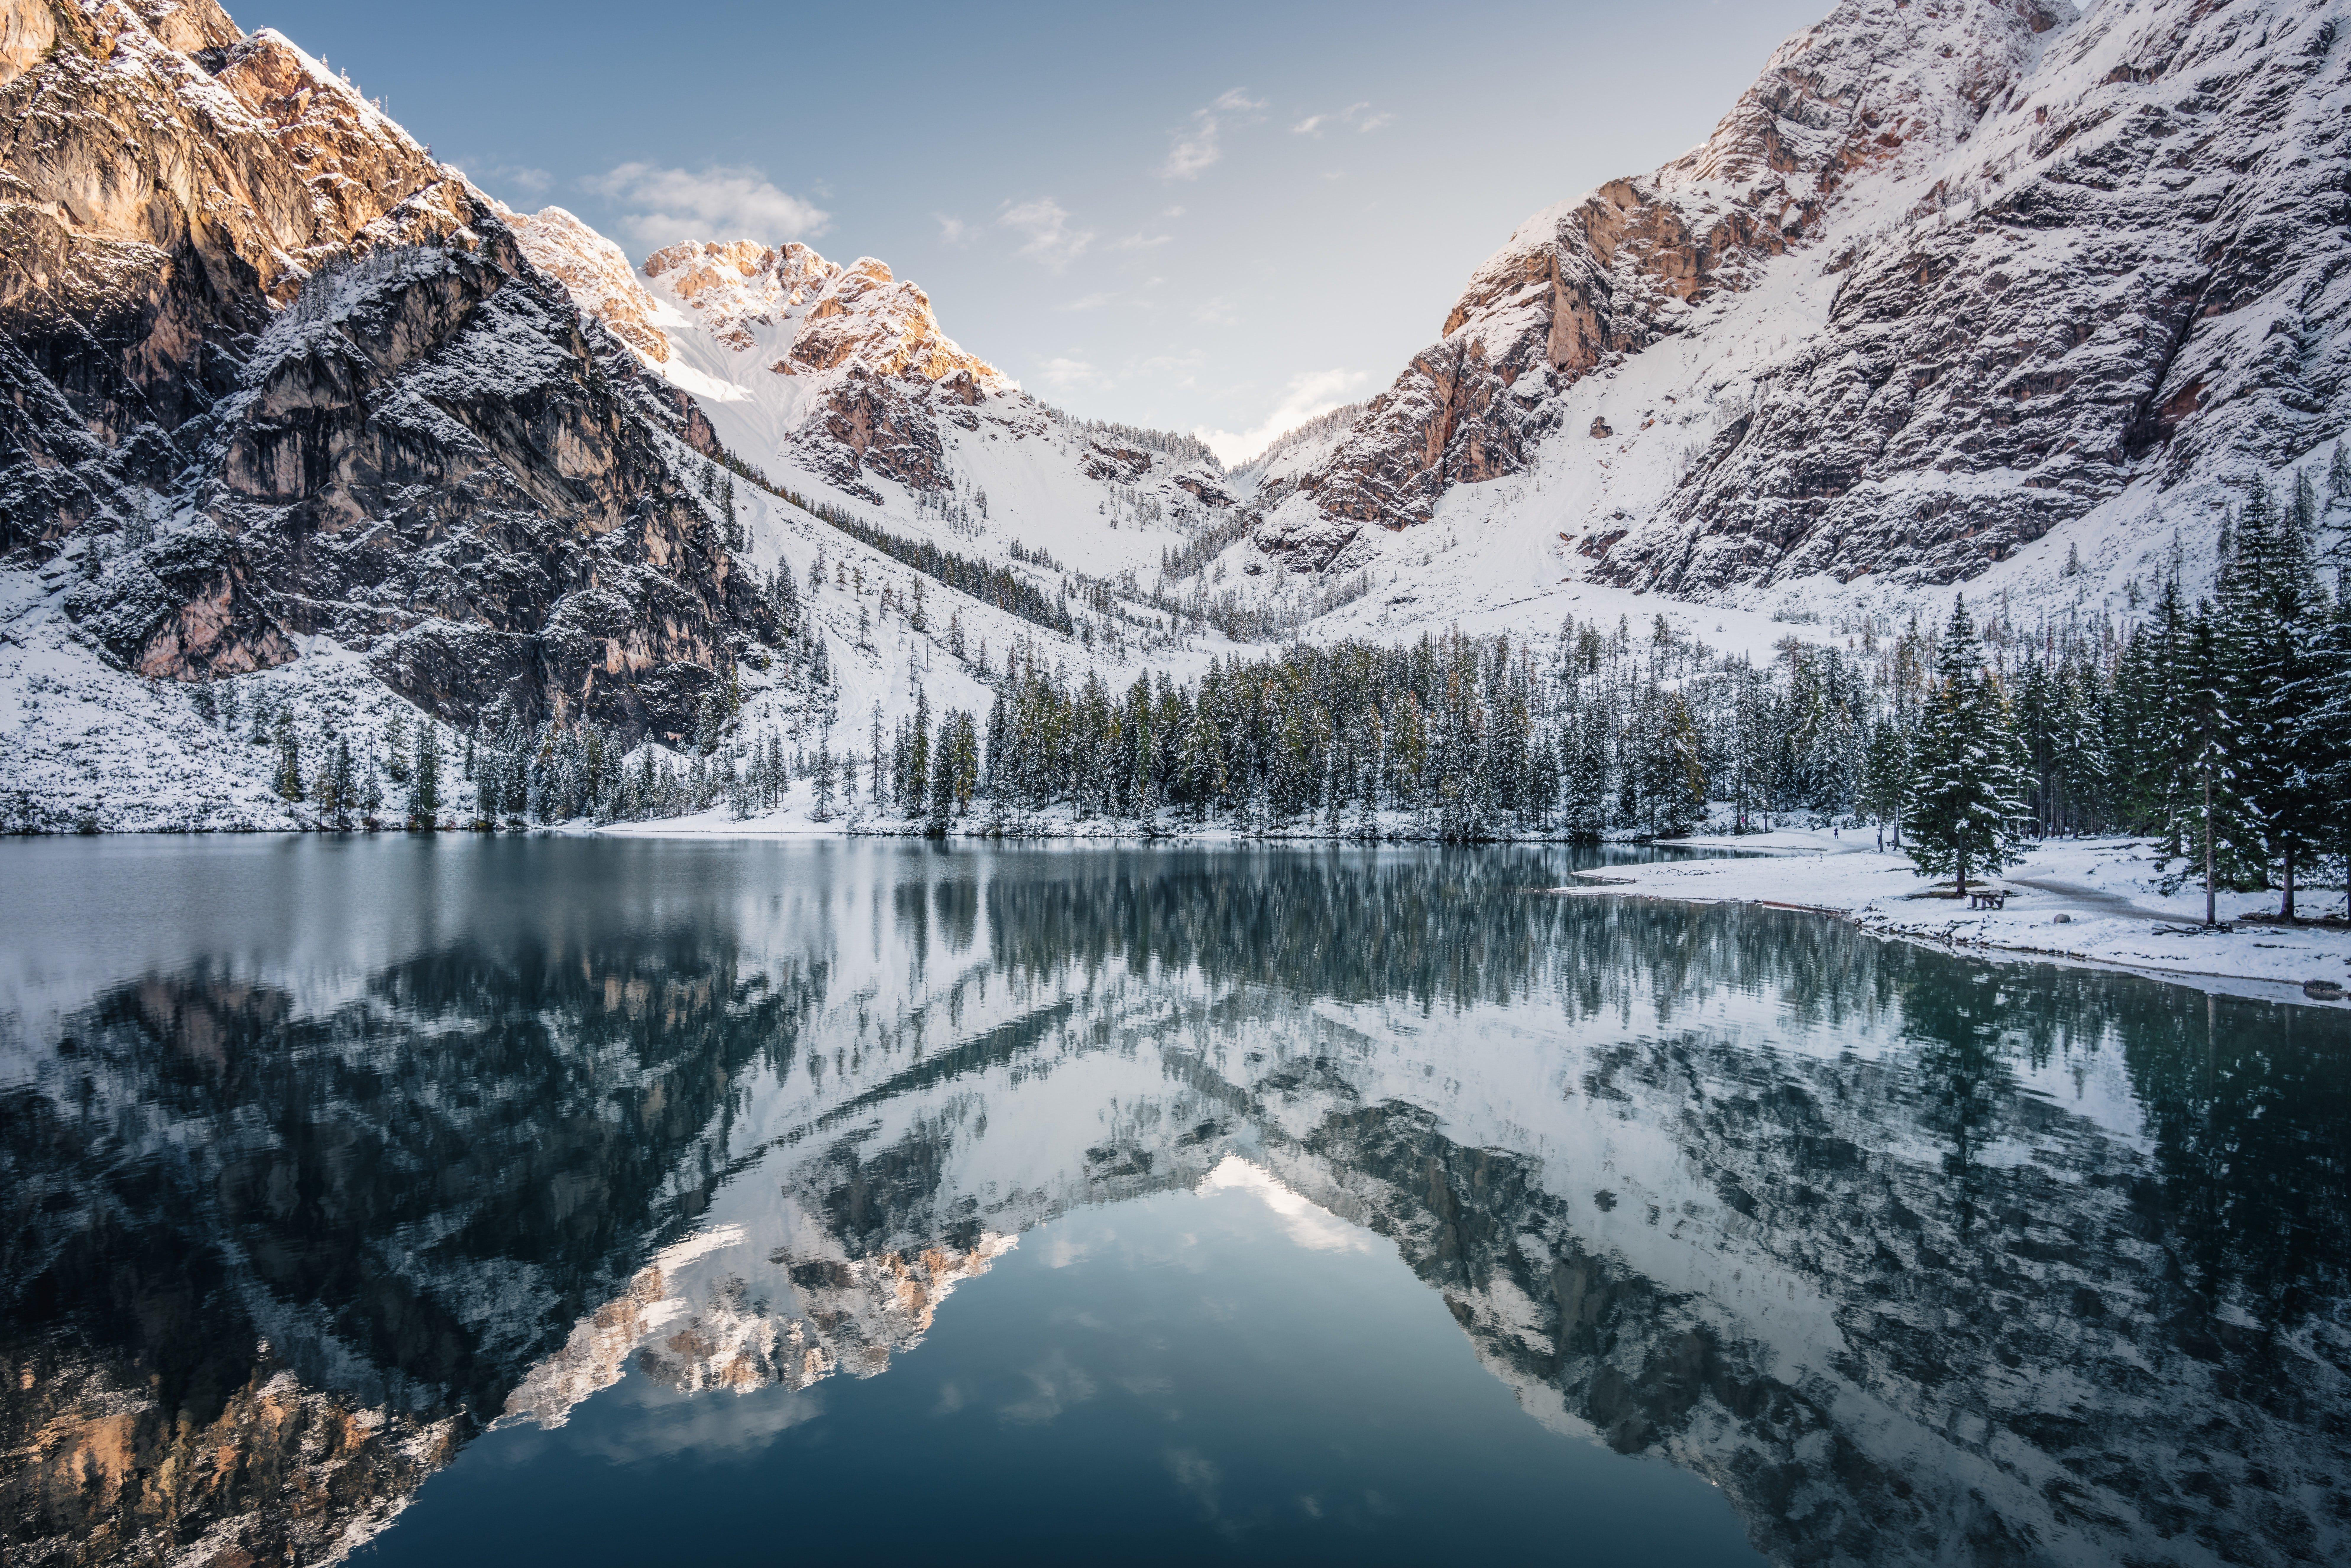 Fondos de pantalla Montañas cubiertas de nieve